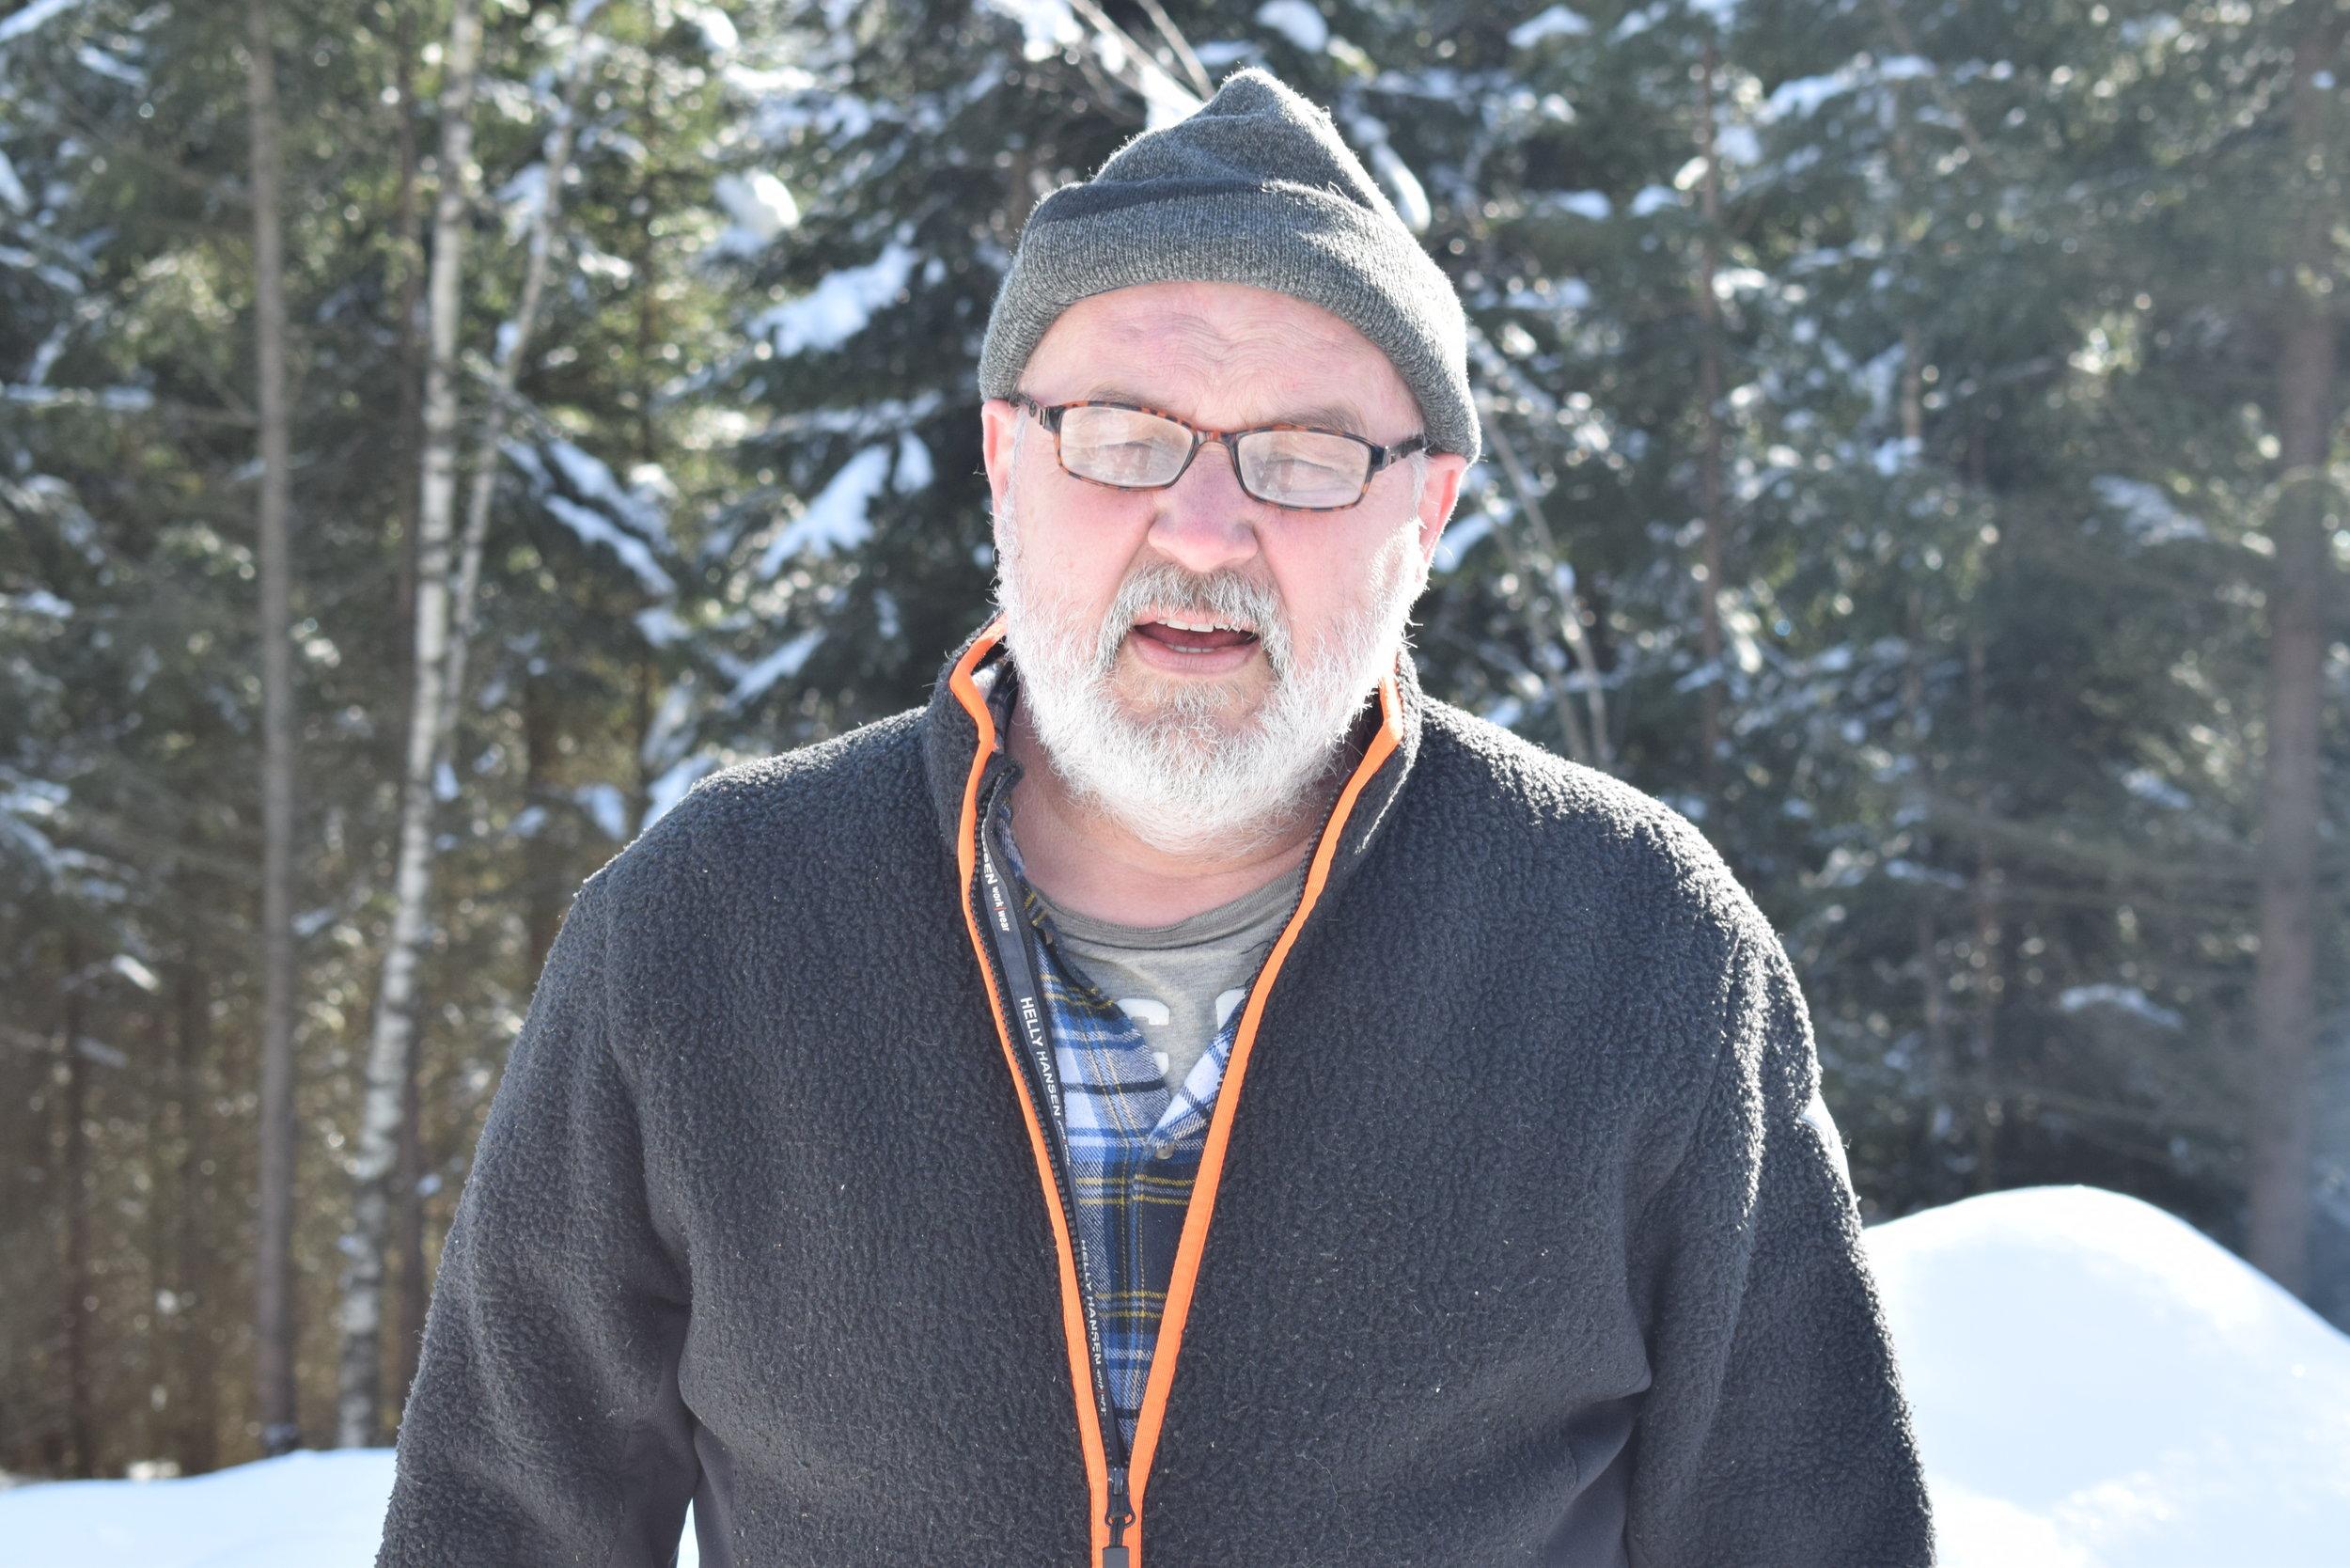 Björn Edsholm - Björn Edsholm grundare av företaget och började att skulptera efter Gudrum stormen.